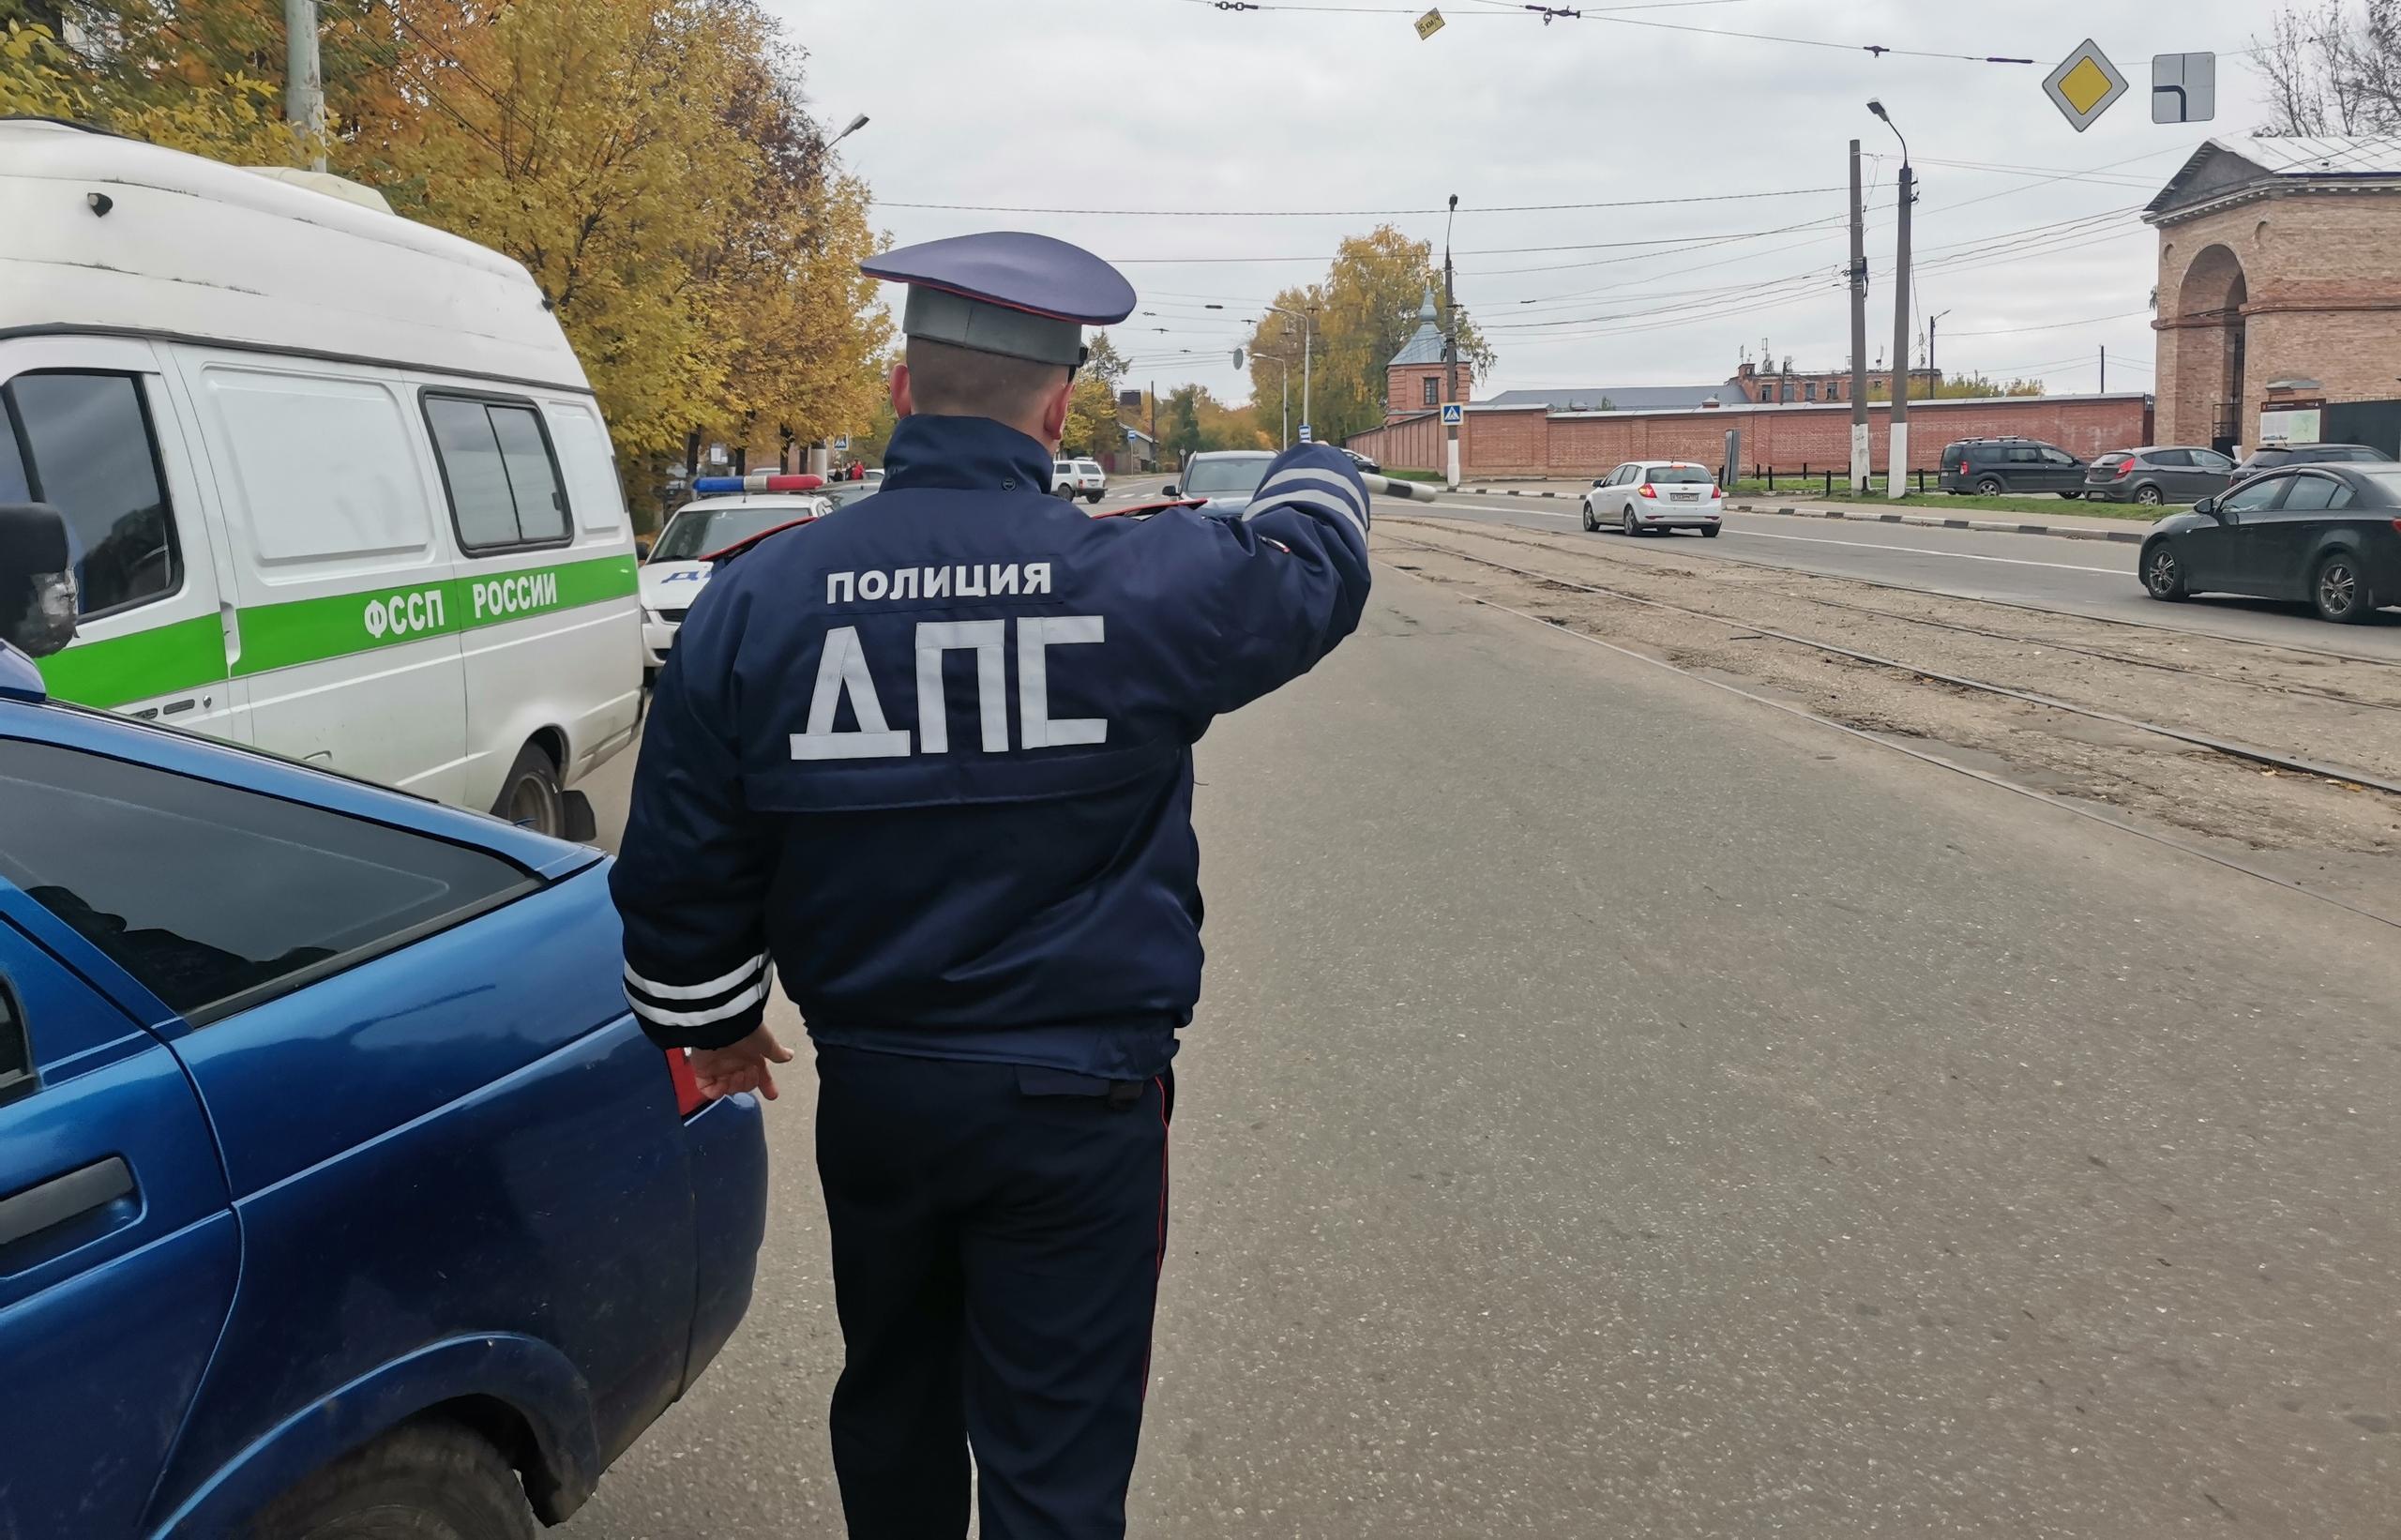 В Твери во время рейда на дороге арестовали машины должников - новости Афанасий